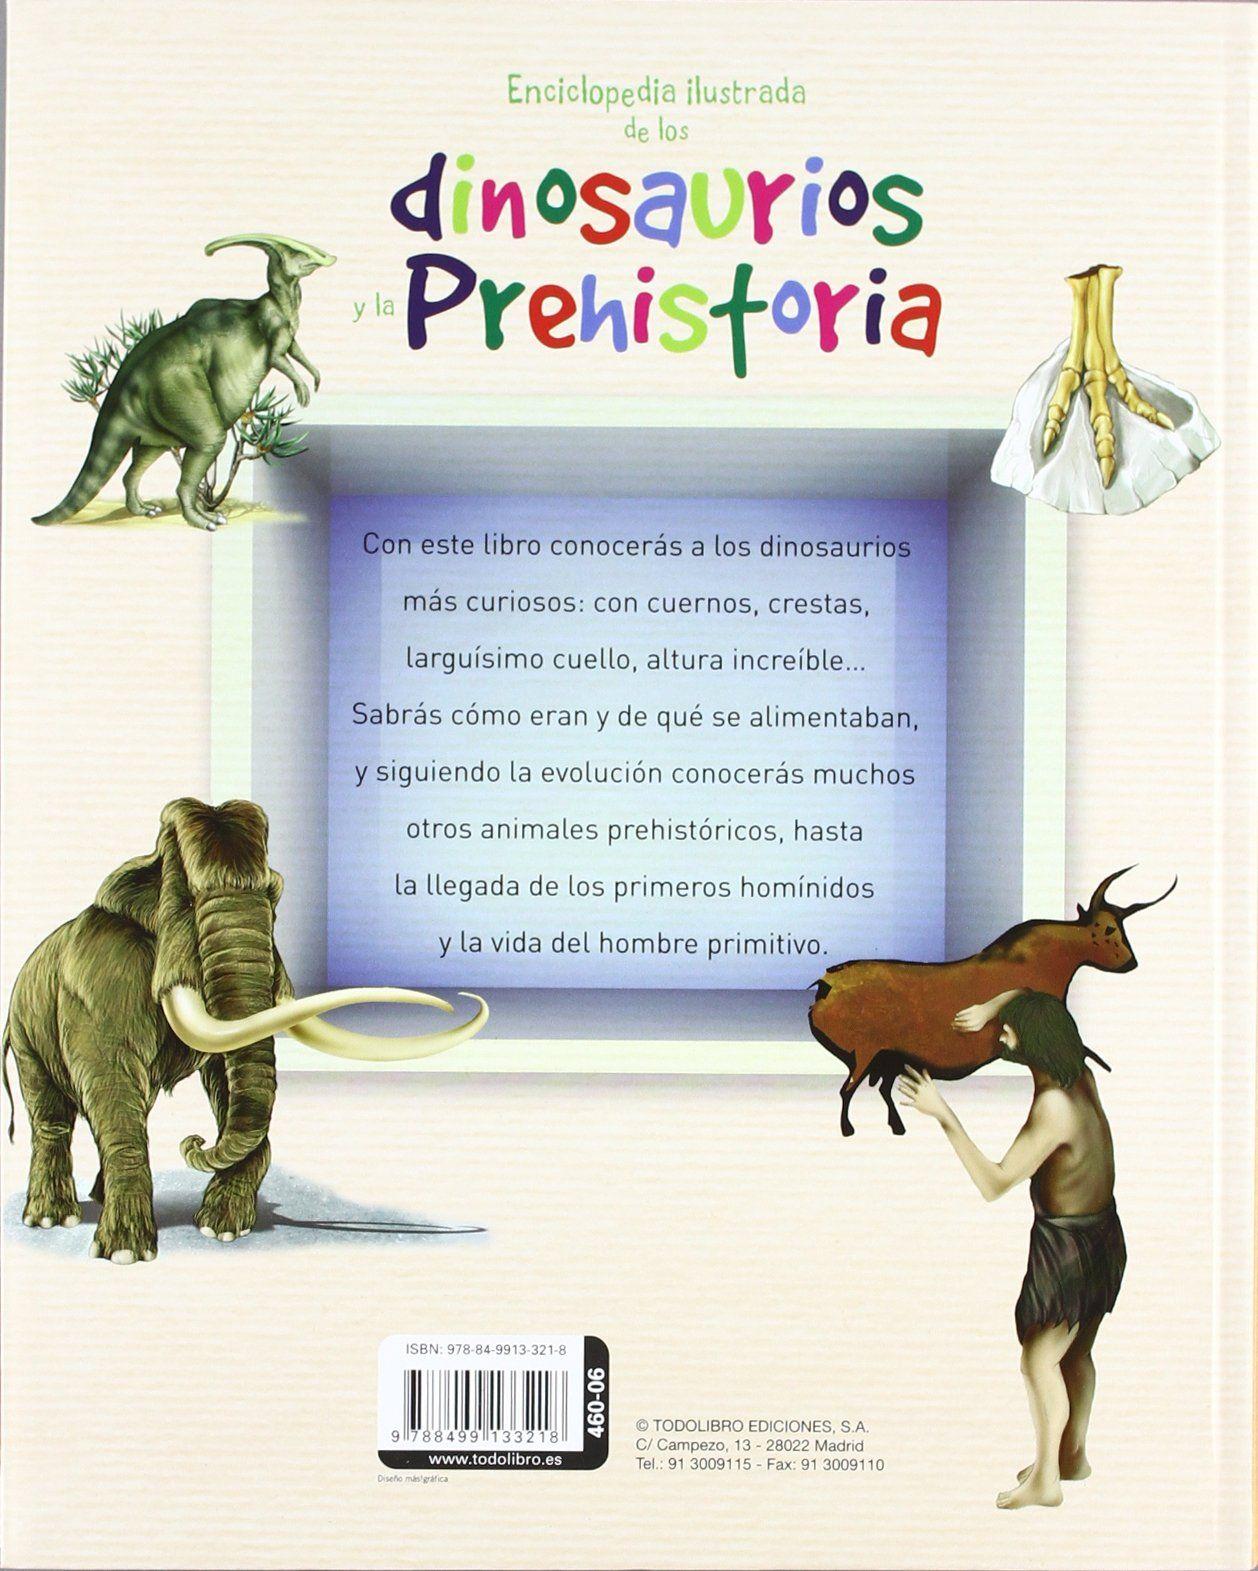 Enciclopedia ilustrada de los dinosaurios y la prehistoria